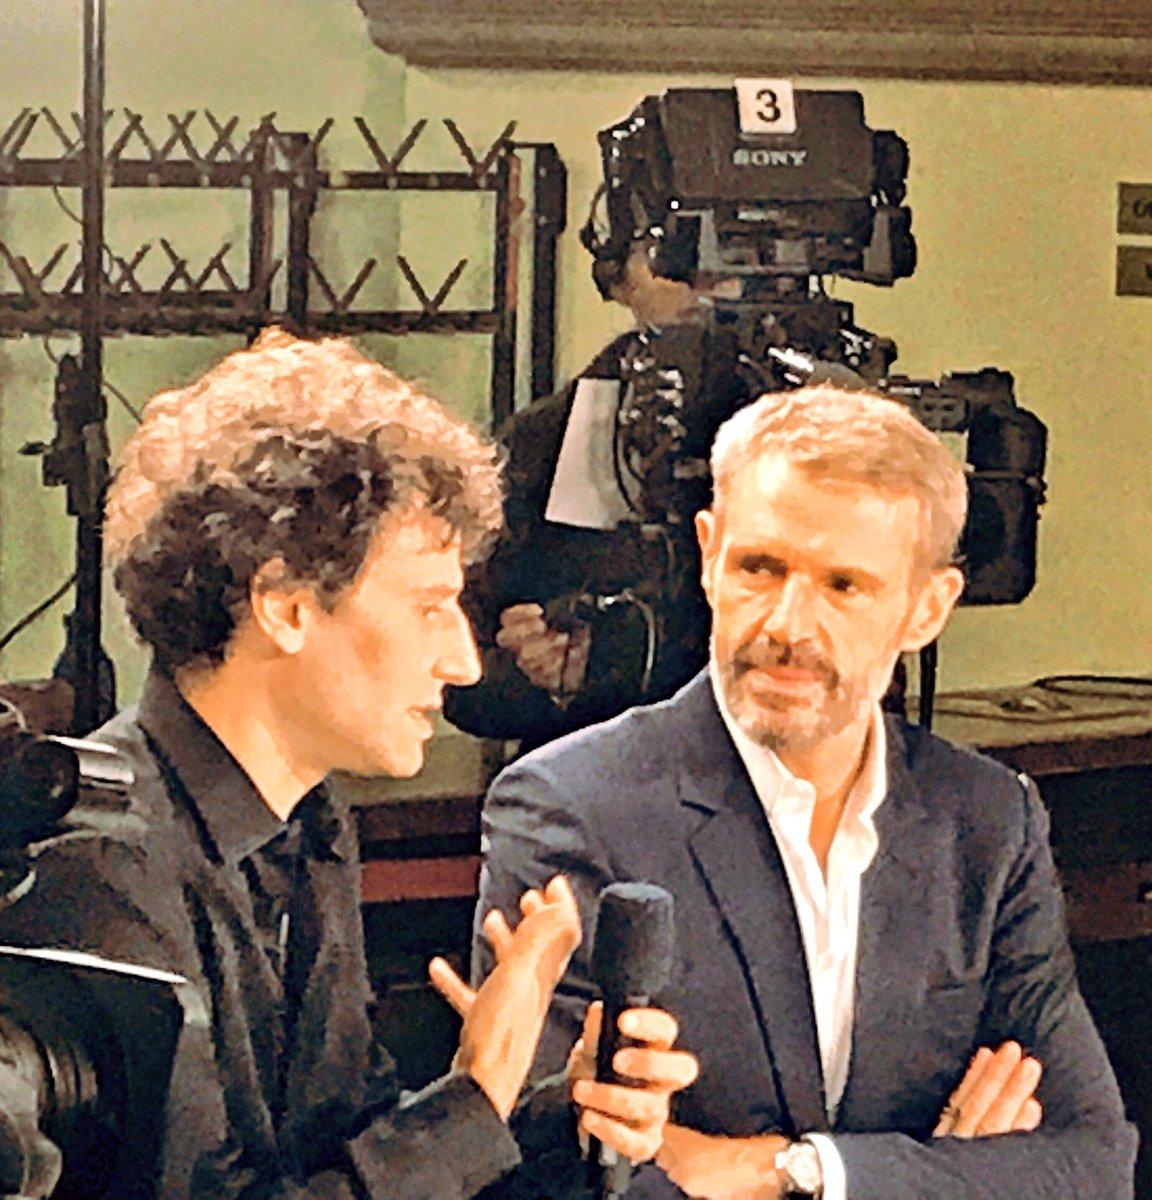 #lambertwilson & @greilsammer sont les invités ce soir à 22h40 de l'émission @rtslapuce sur @RadioTeleSuisse #àvospostes https://t.co/buZvO8Uczj